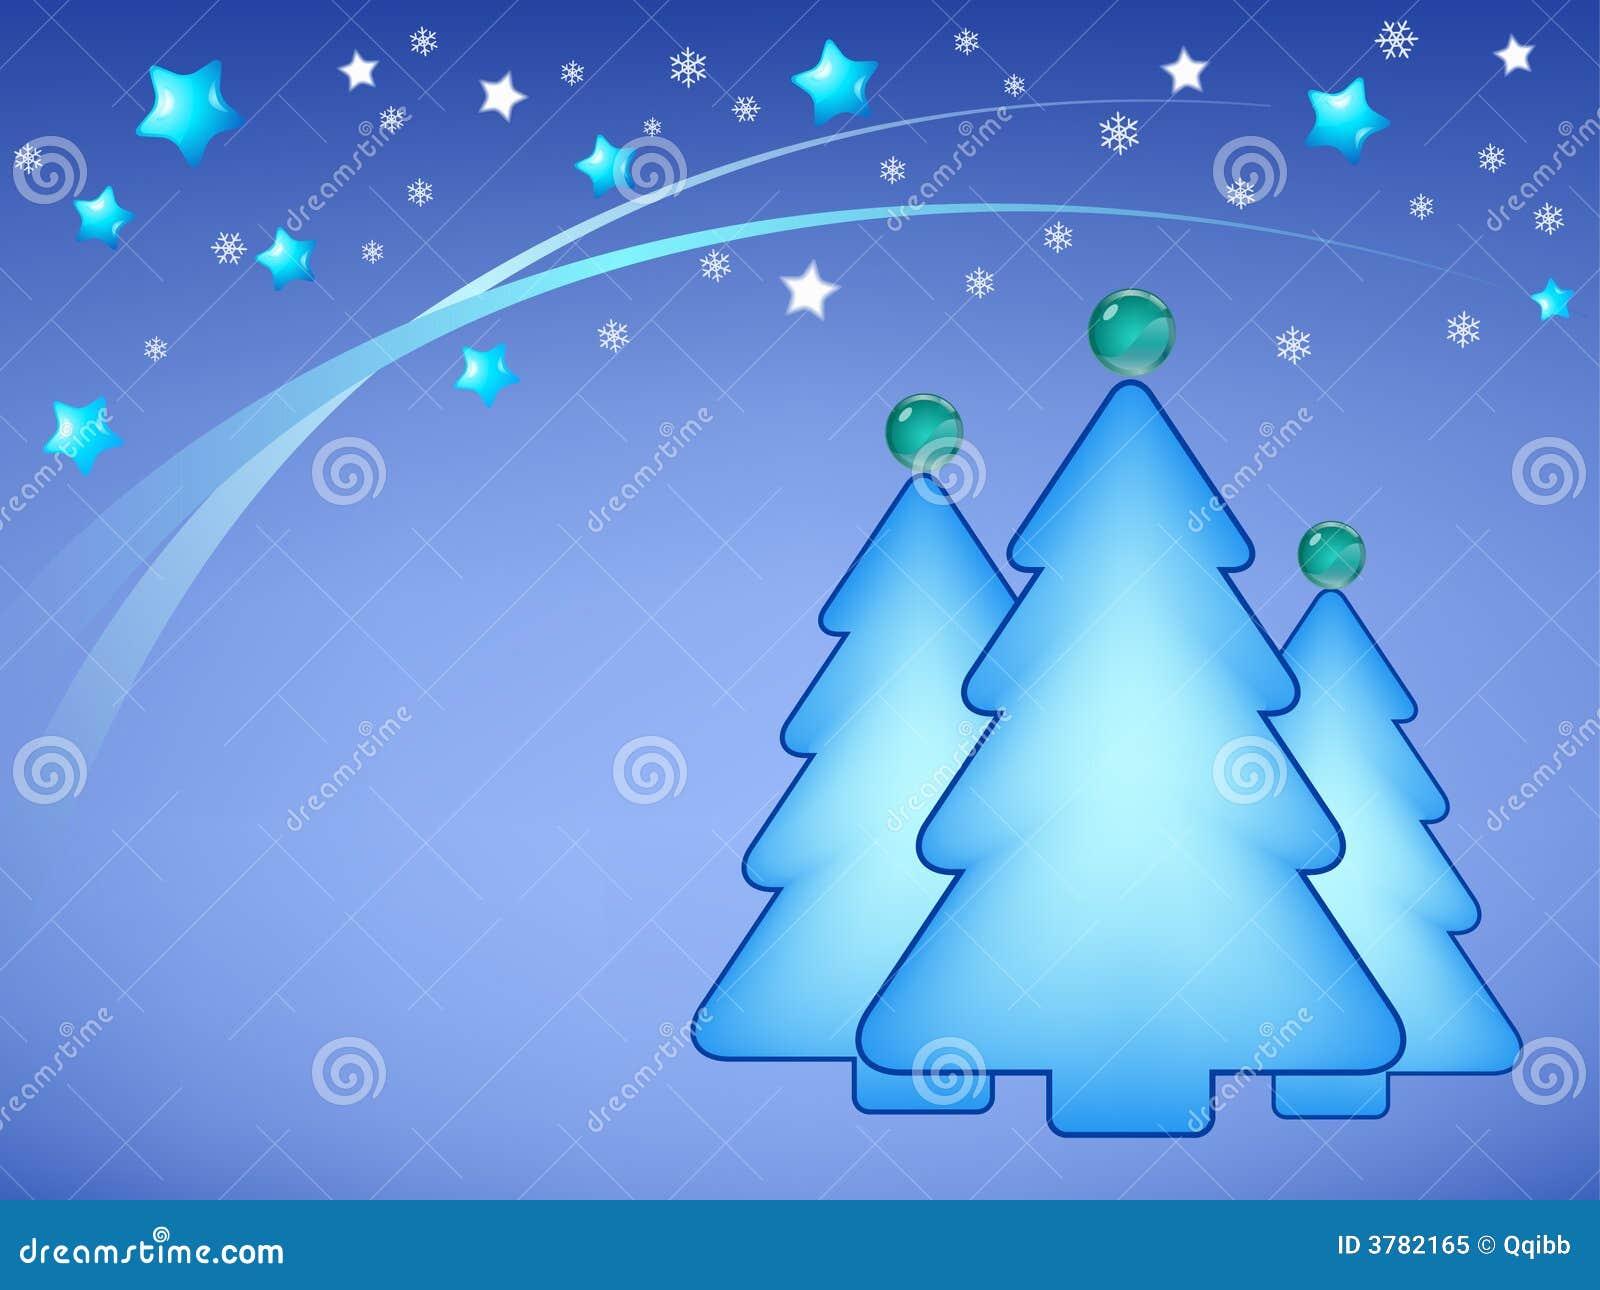 Abbildung der Weihnachtsbäume